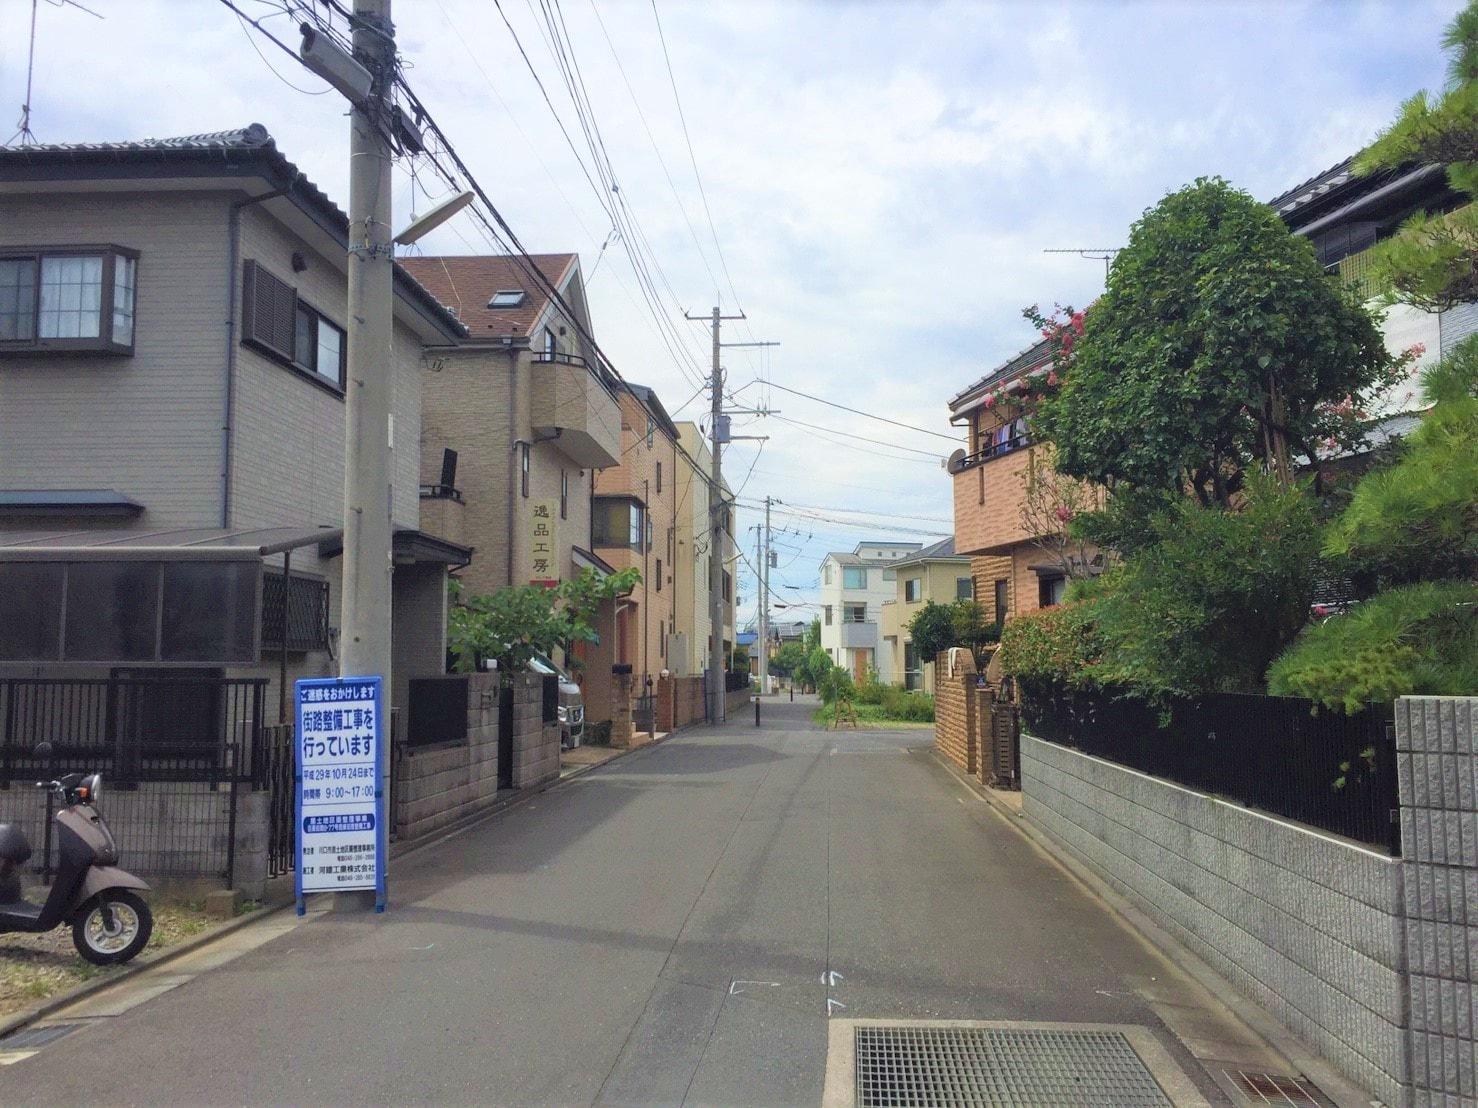 鳩ヶ谷駅周辺の戸建て住宅街